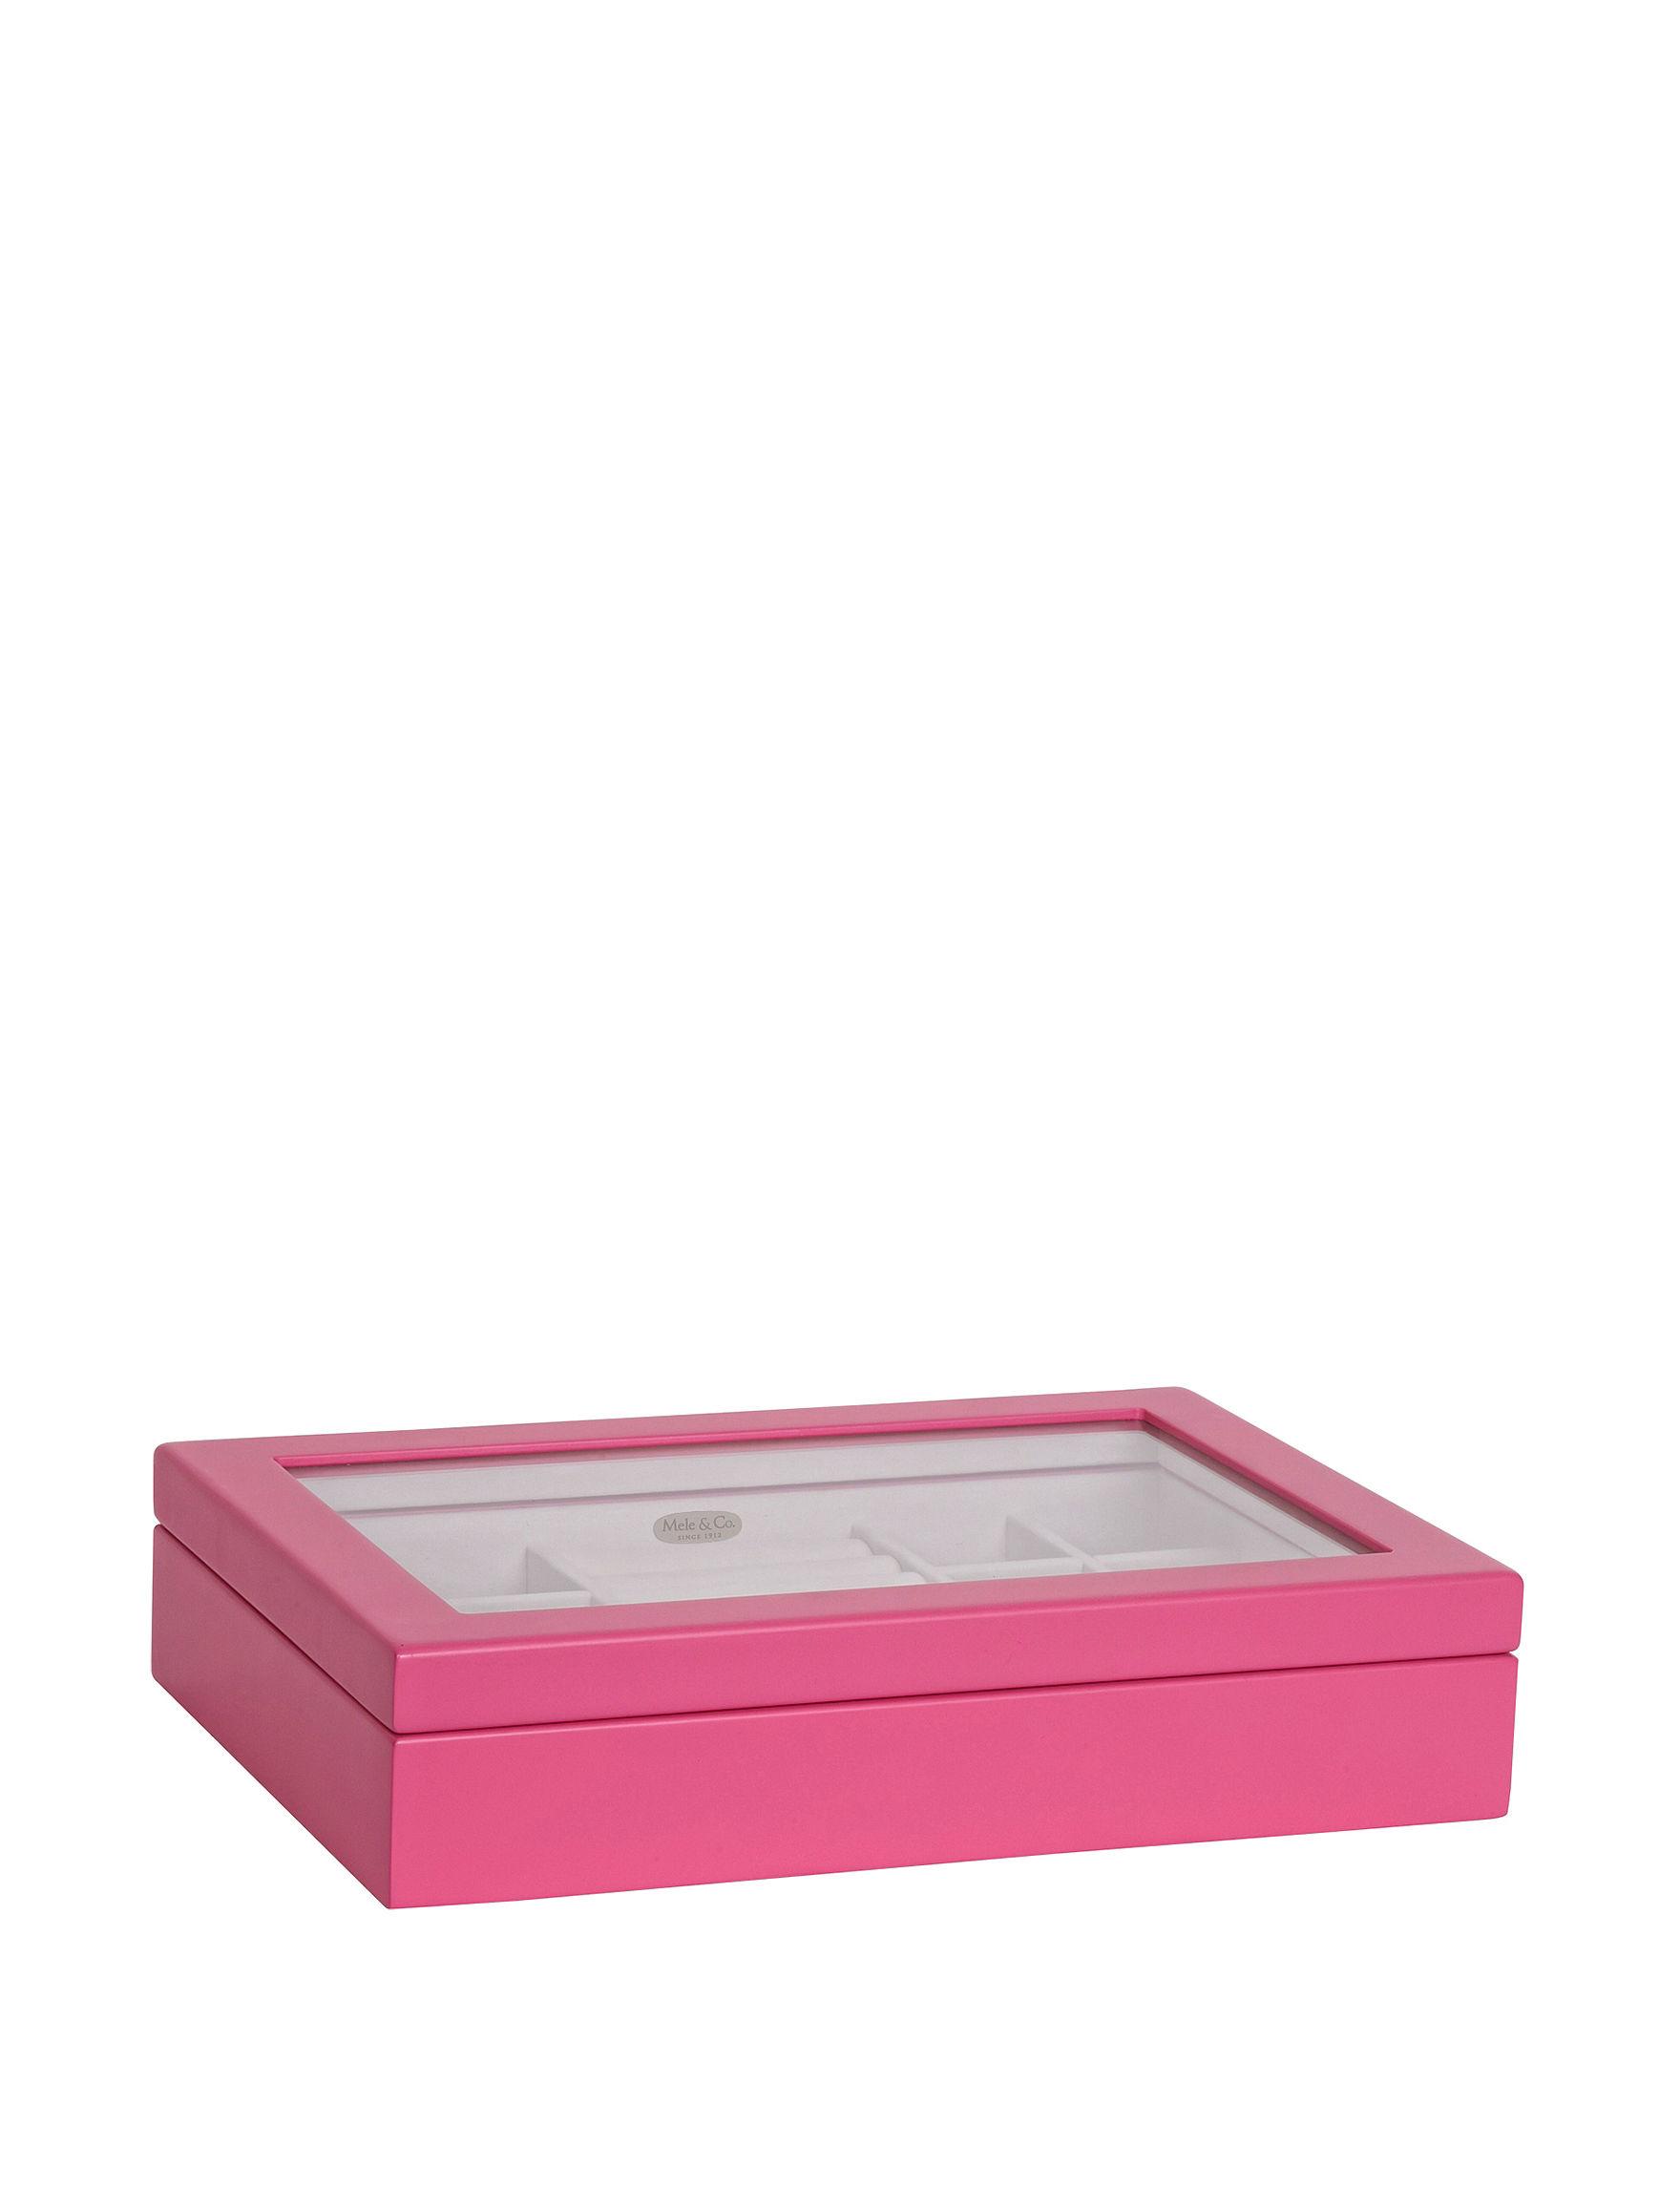 Mele & Co. Pink Jewelry Storage & Organization